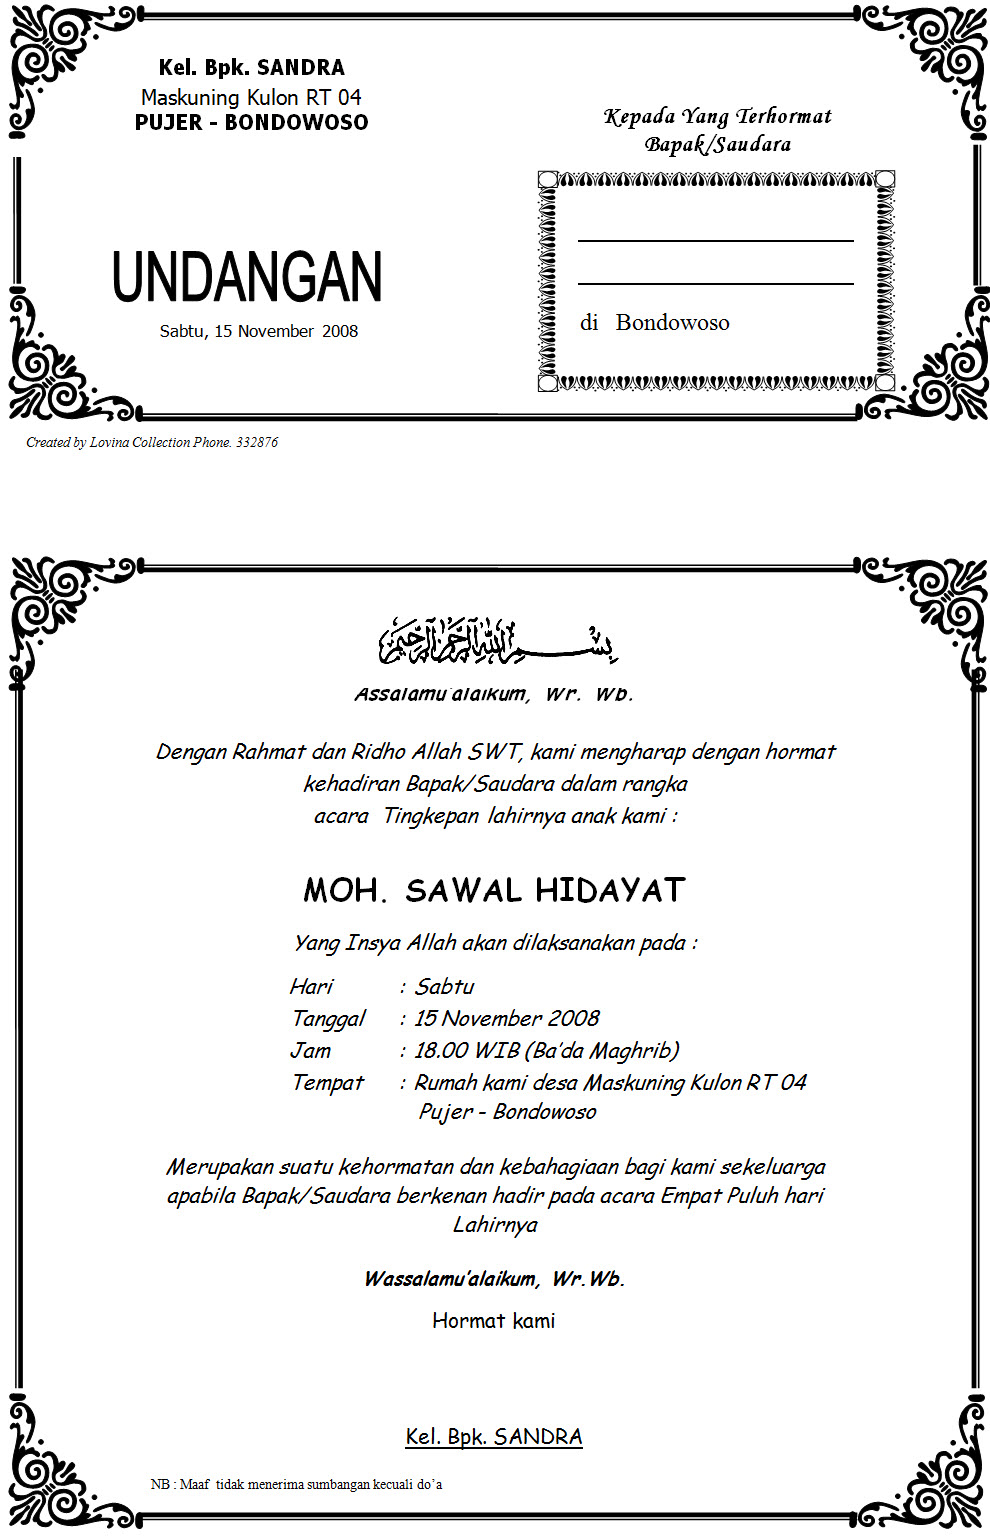 Contoh Surat Undangan Syukuran Keberangkatan Haji Inspirational